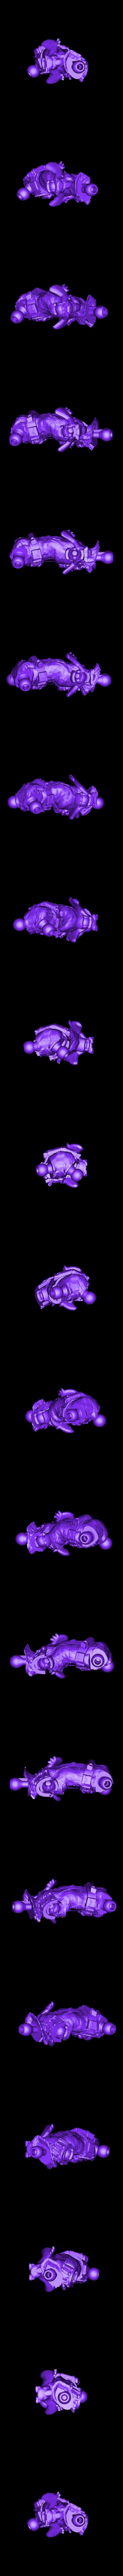 LIL_death__BODY_2_PRINT.stl Download free STL file Lil' Judgie Death • 3D printable object, atarka3